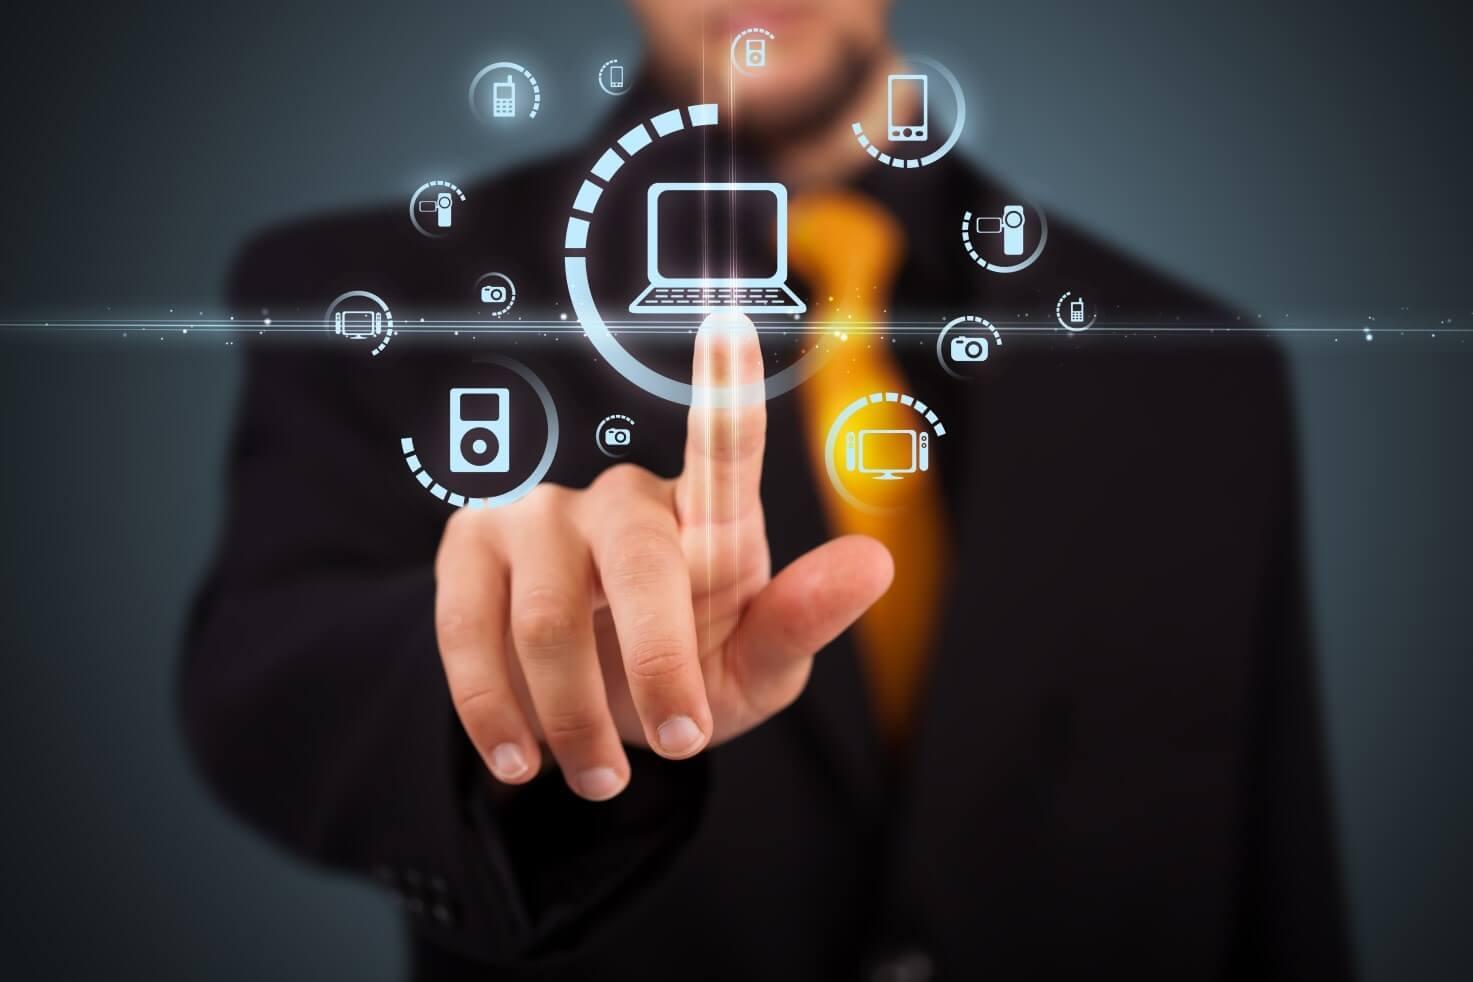 Виртуальная реальность, блокчейн и внимание к индивидууму. Тренды бизнеса в 2016-м